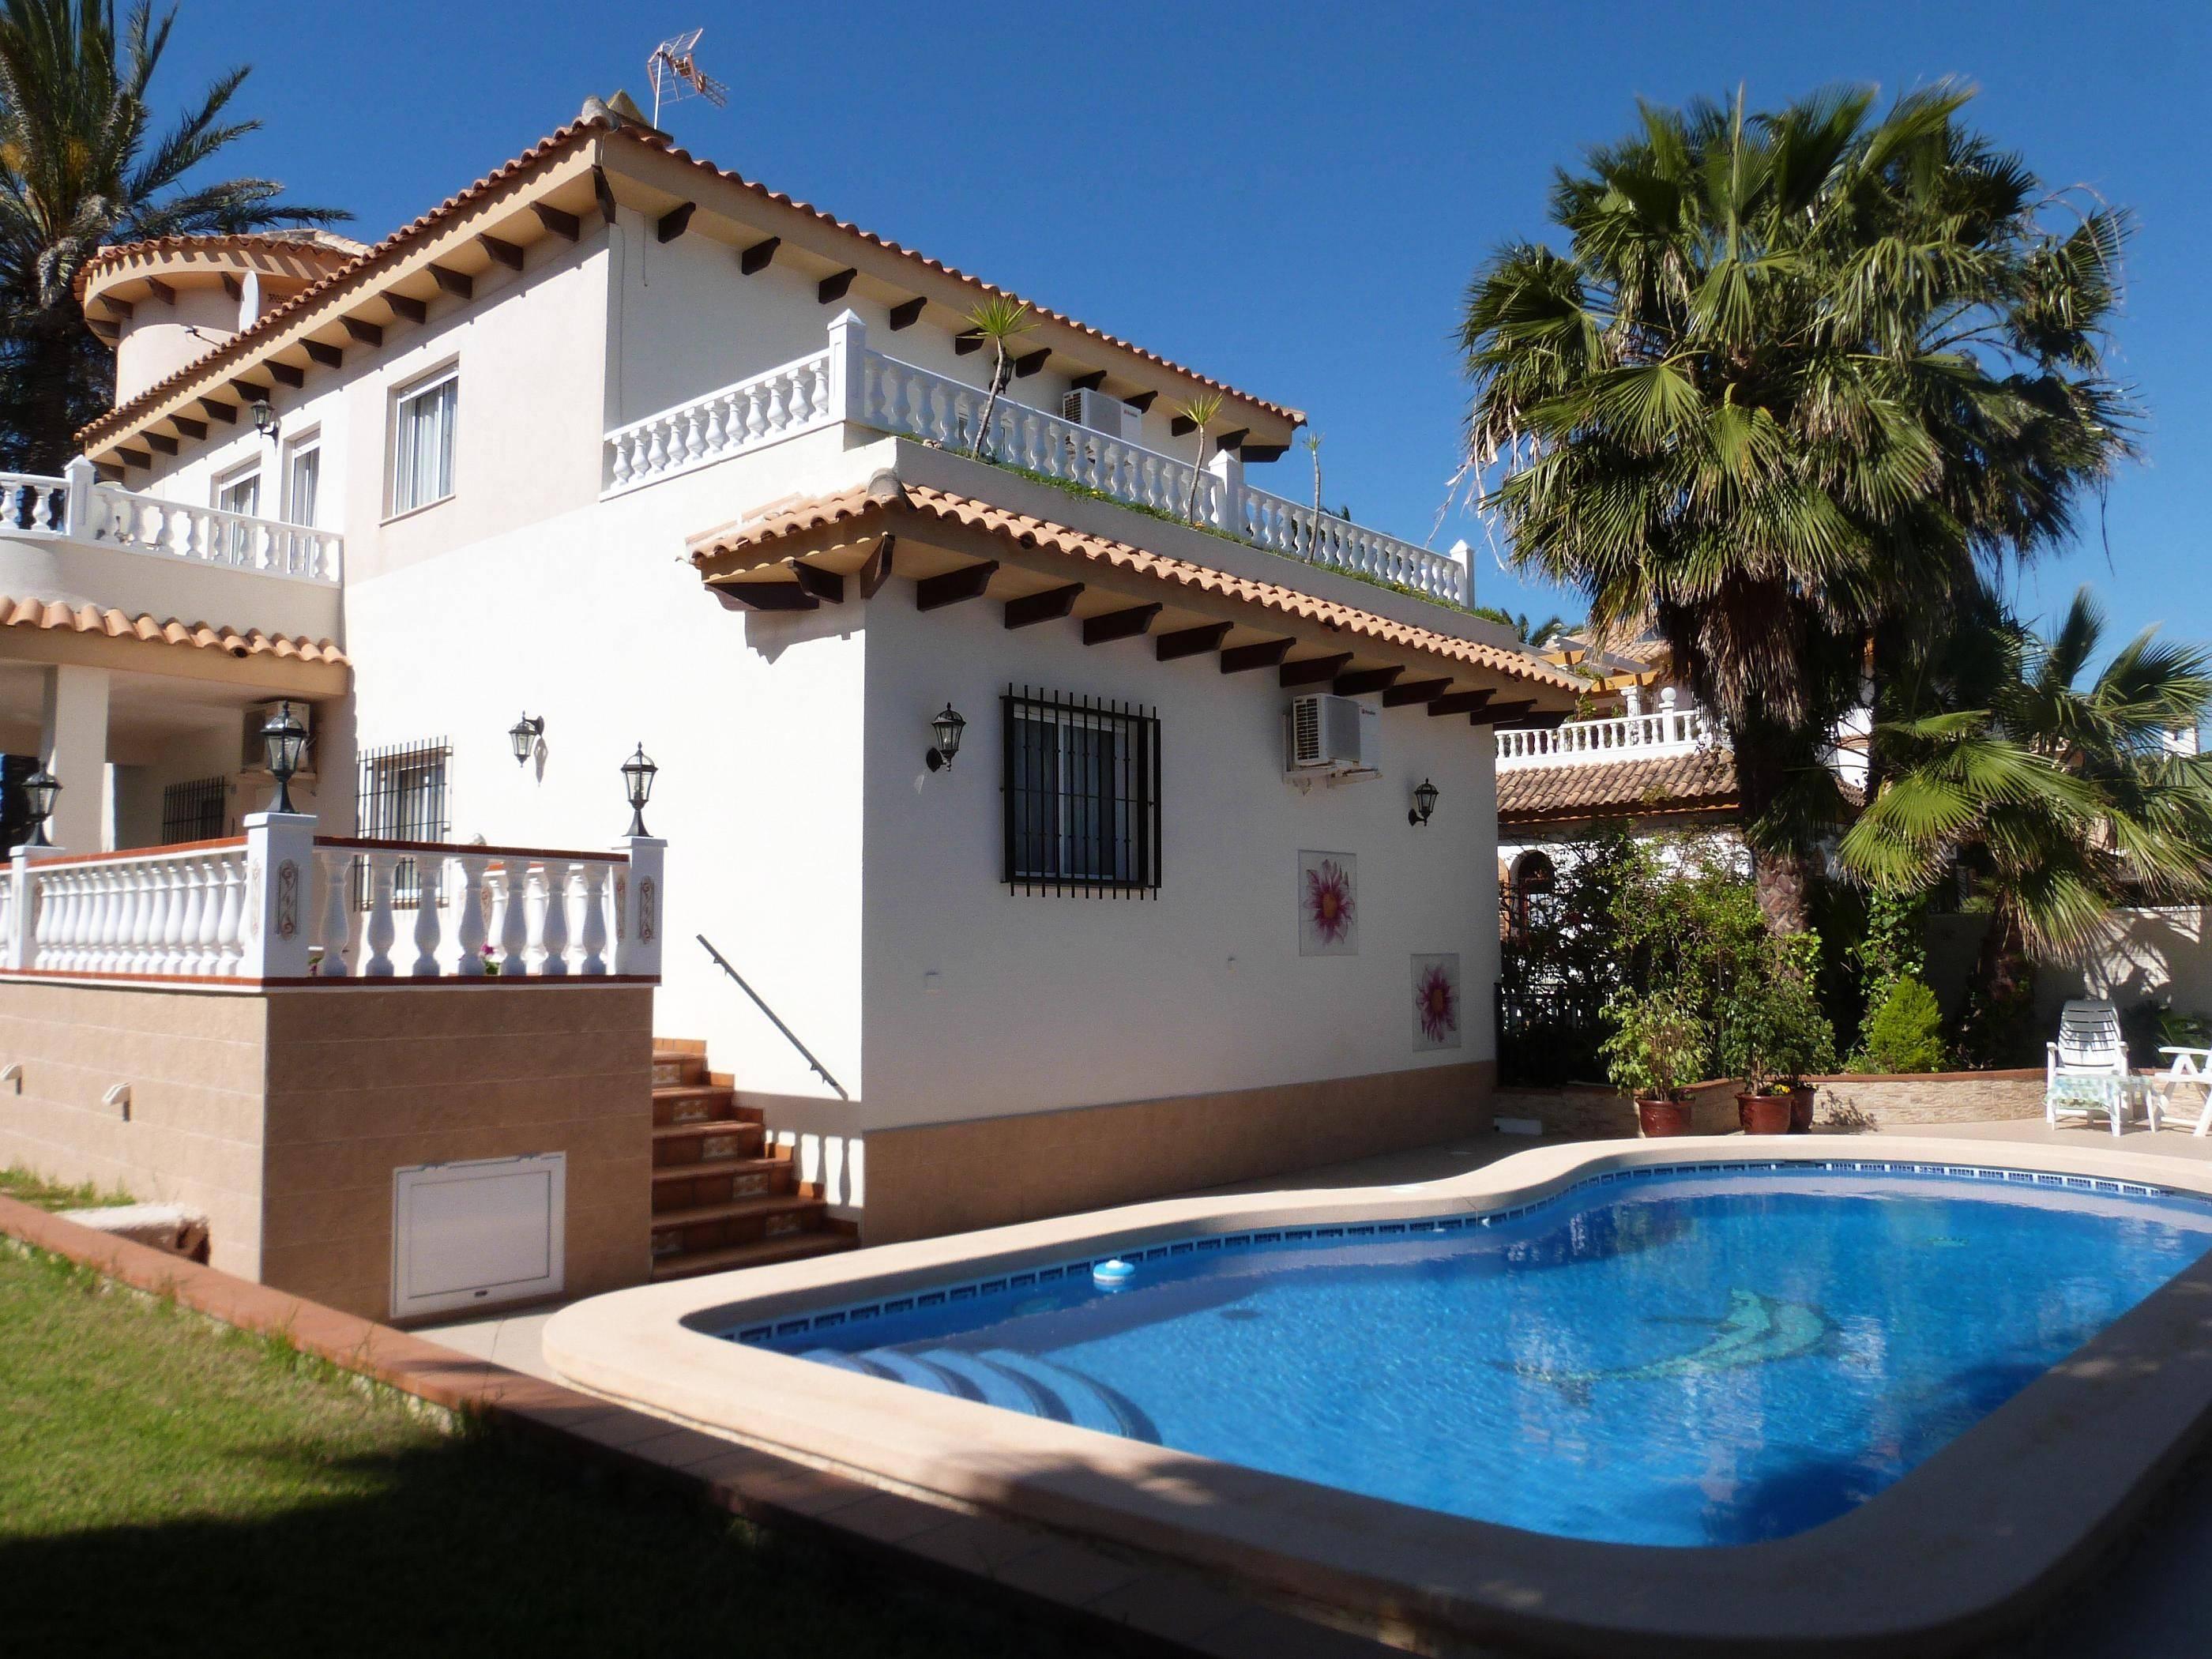 Купить дом в испании - 564 объявления, продажа домов в испании на move.ru